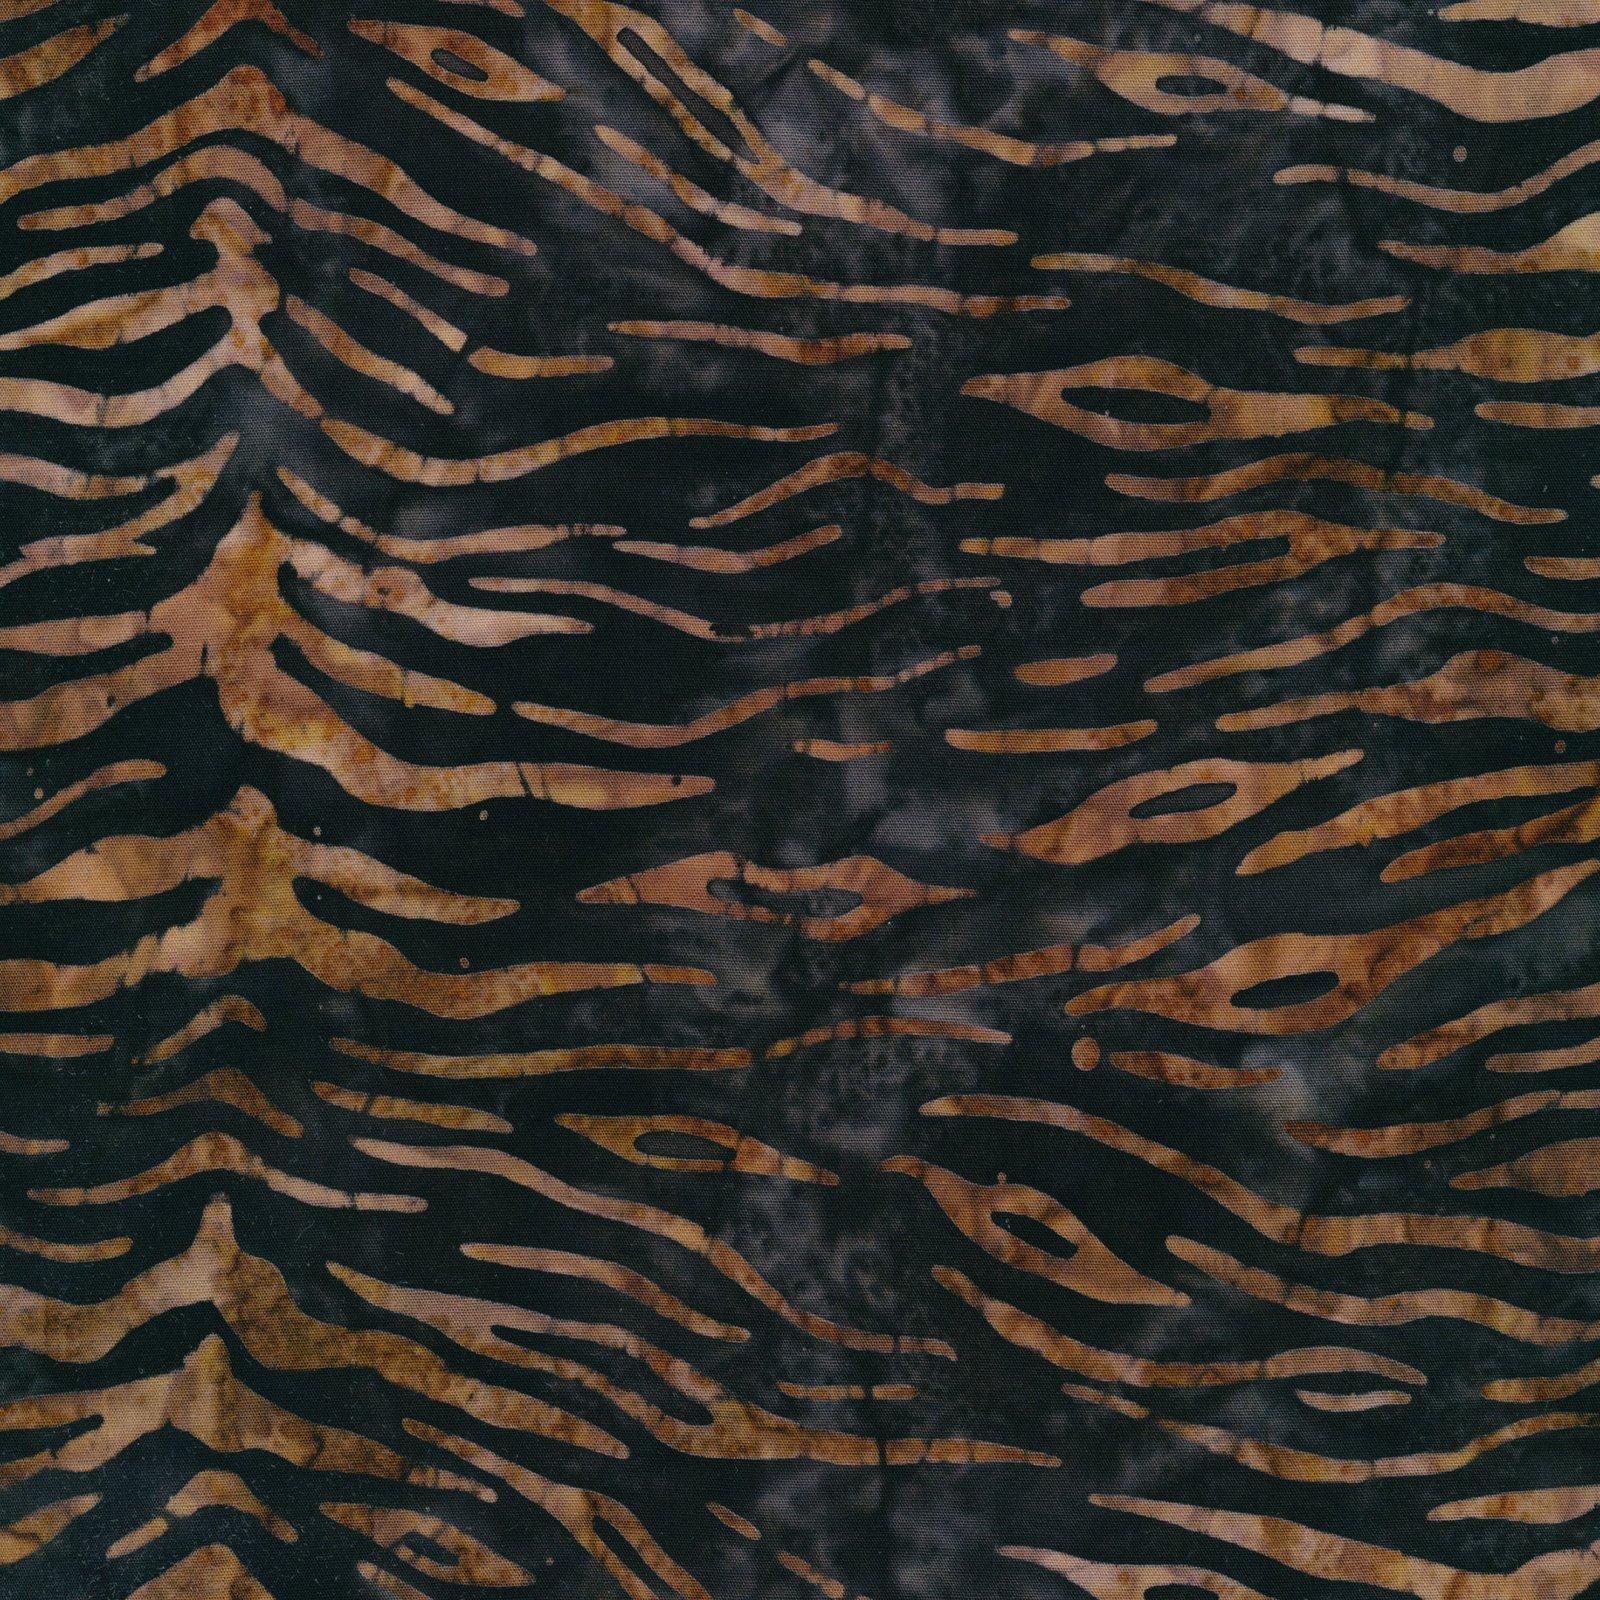 Serengeti Batiks - Zebra - Mocha/Onyx